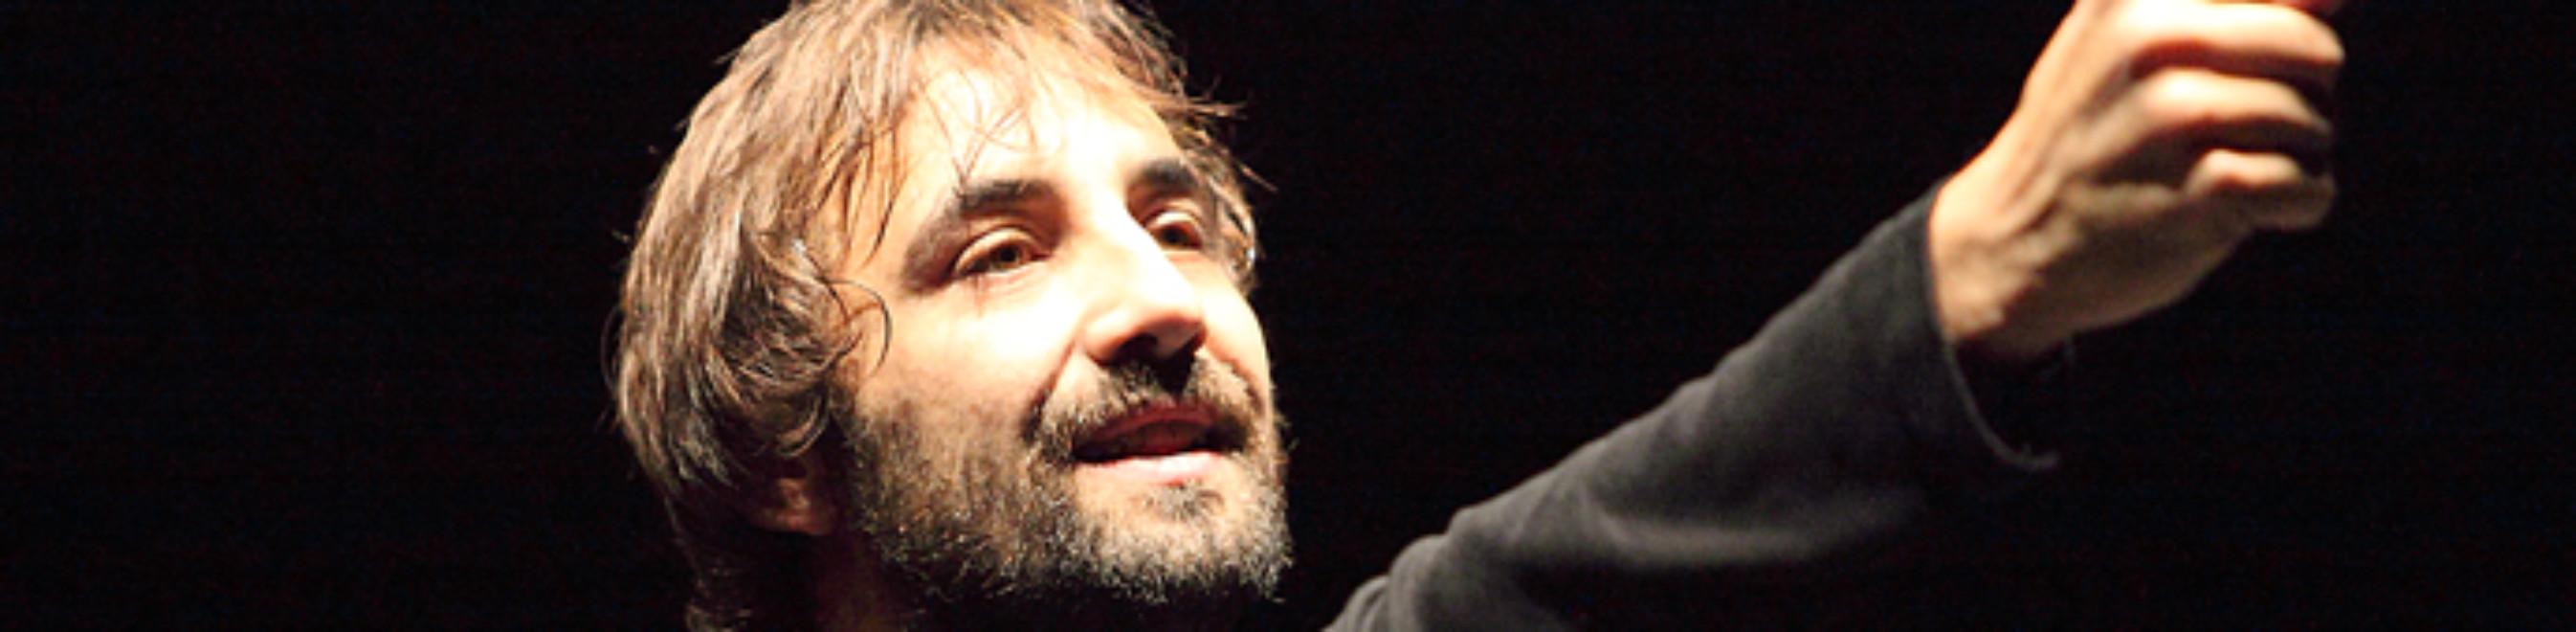 10/9 - Terrazza Mascagni: MASCAGNI Monologo teatrale